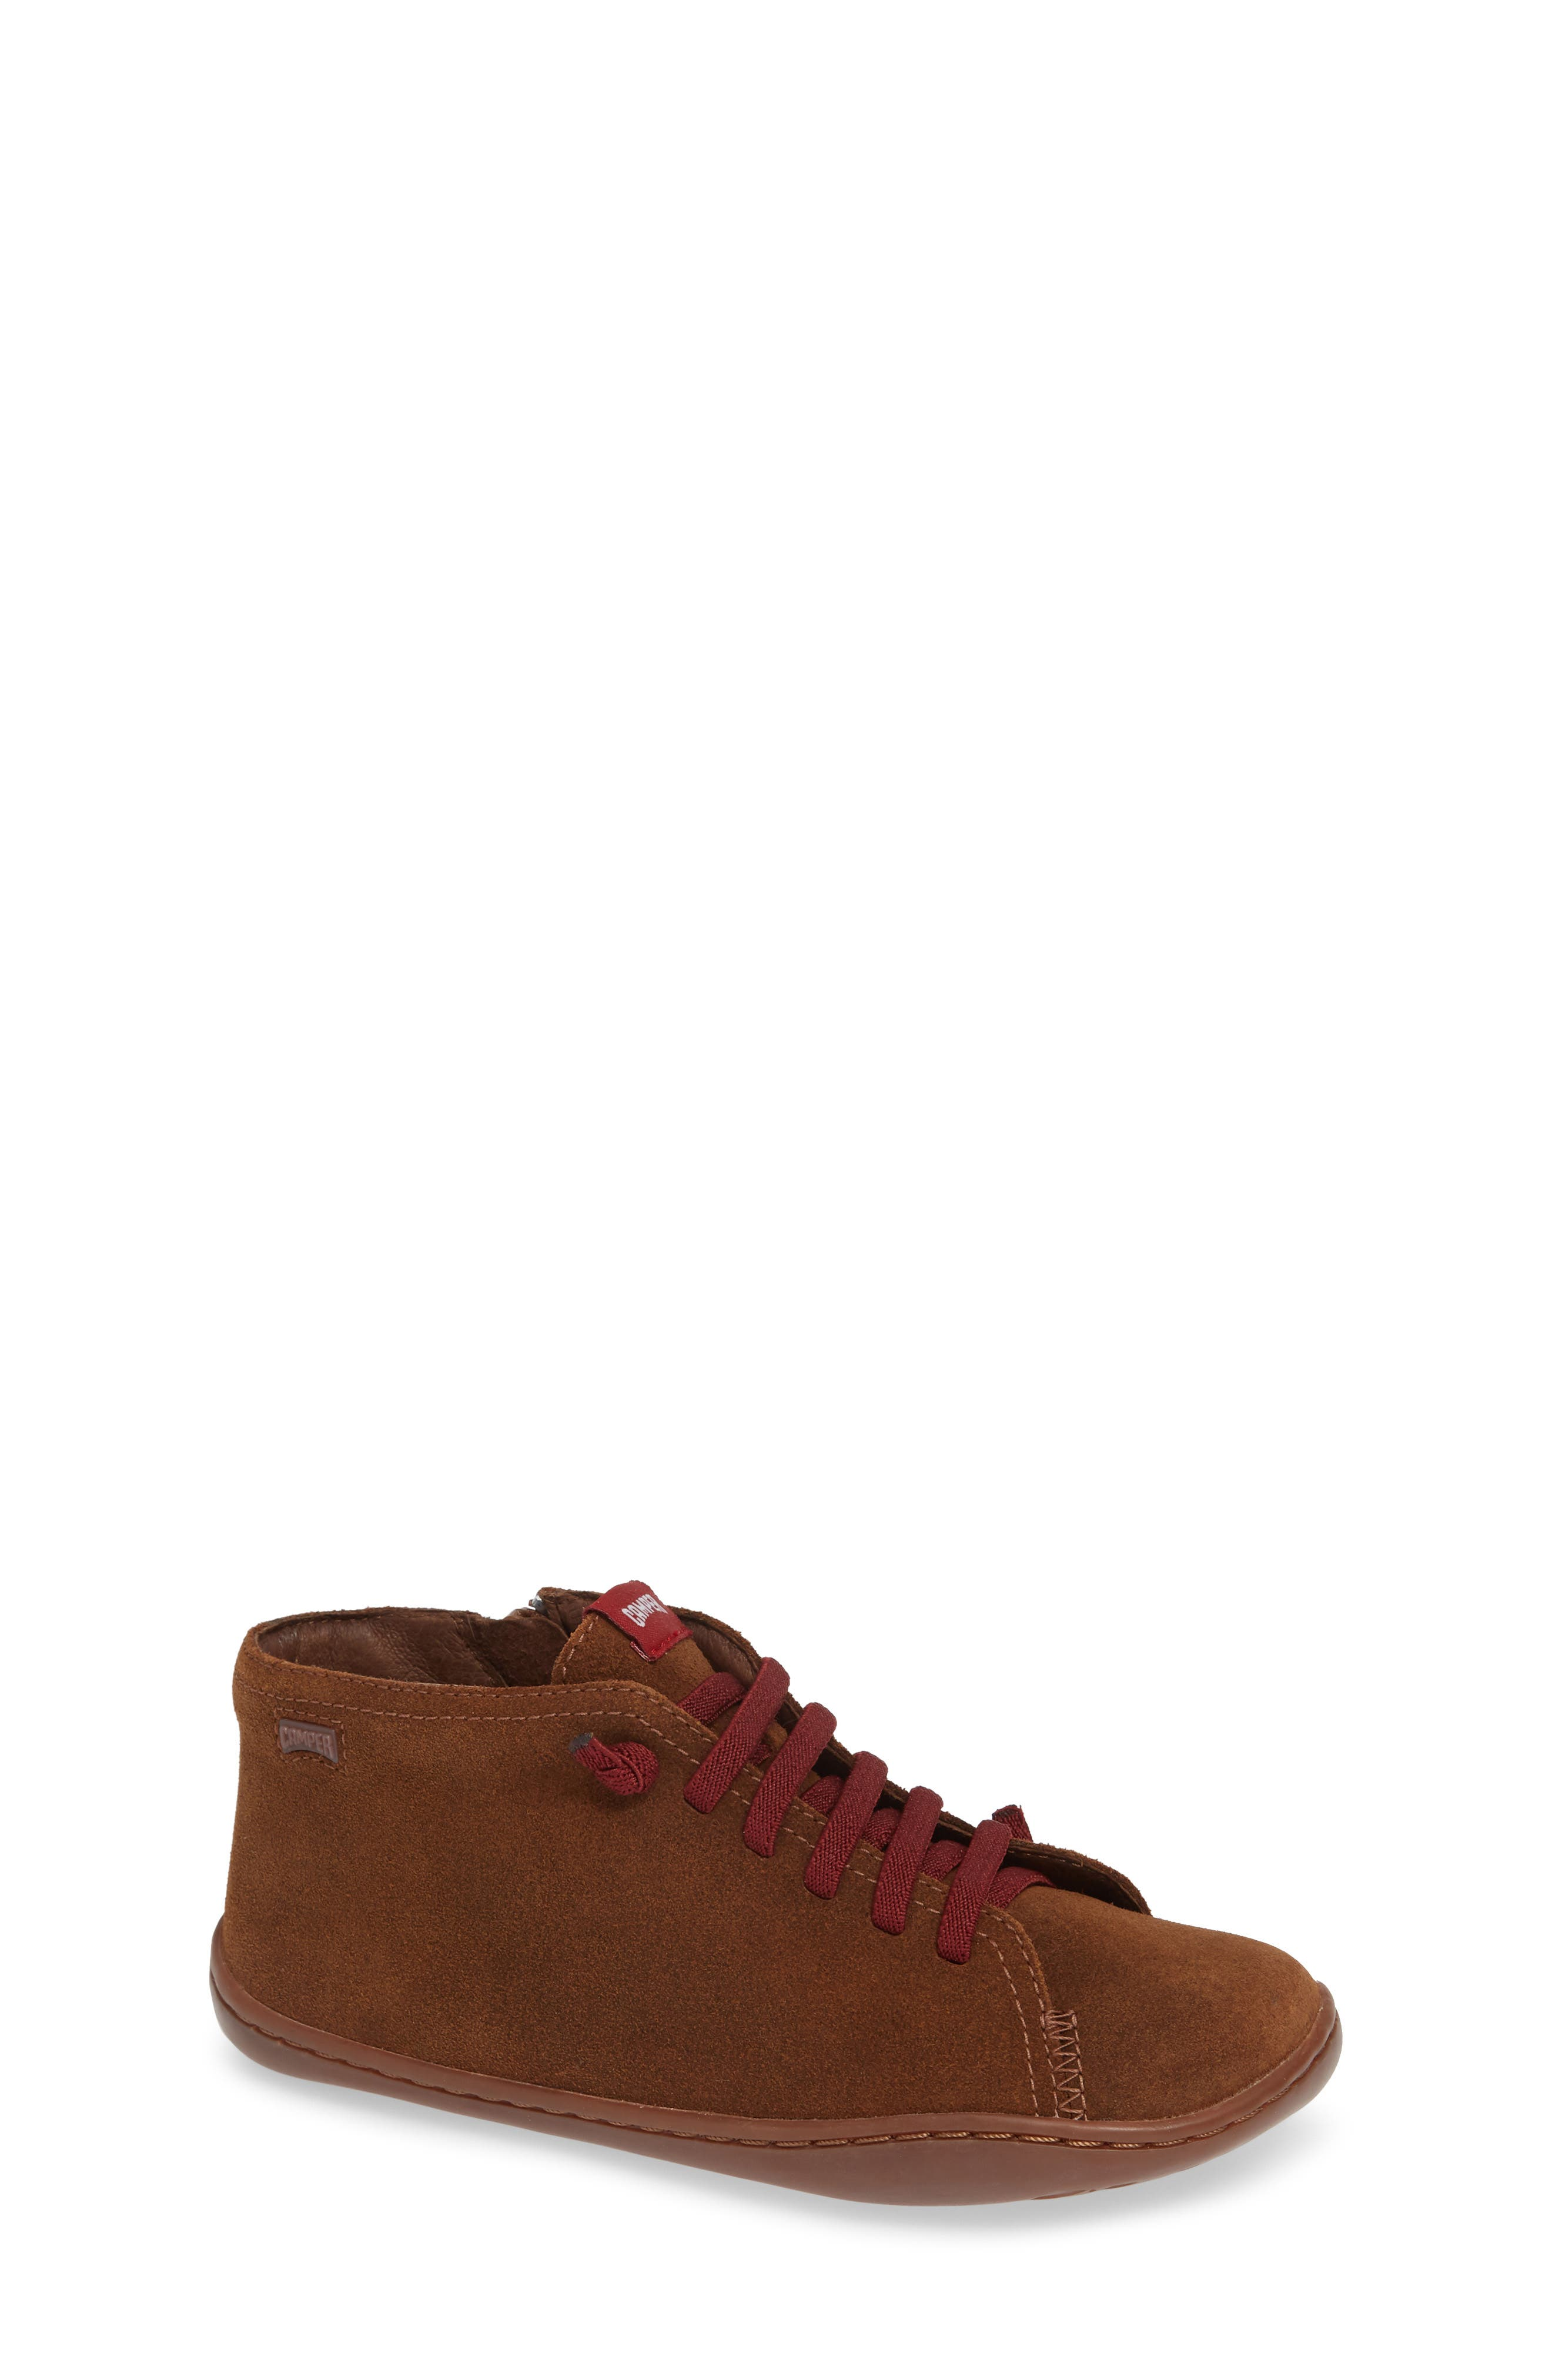 Peu Cami Sneaker,                             Main thumbnail 1, color,                             MEDIUM BROWN